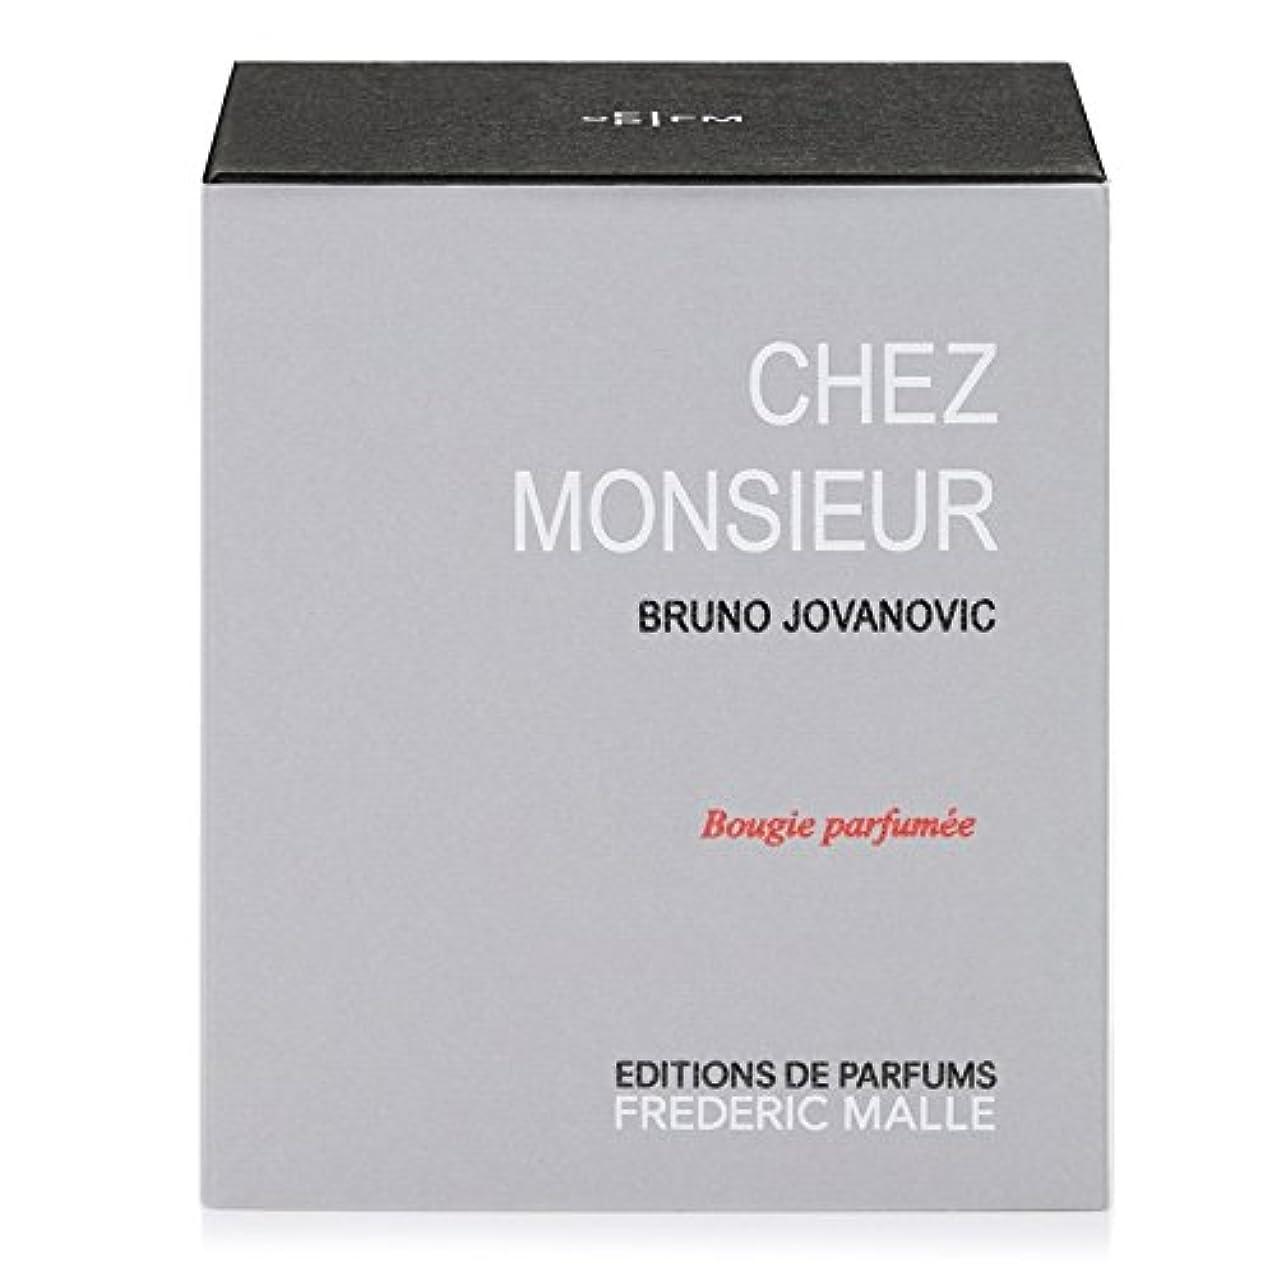 取得するレスリングビヨンフレデリック?マルシェムッシュ香りのキャンドル220グラム x6 - Frederic Malle Chez Monsieur Scented Candle 220g (Pack of 6) [並行輸入品]